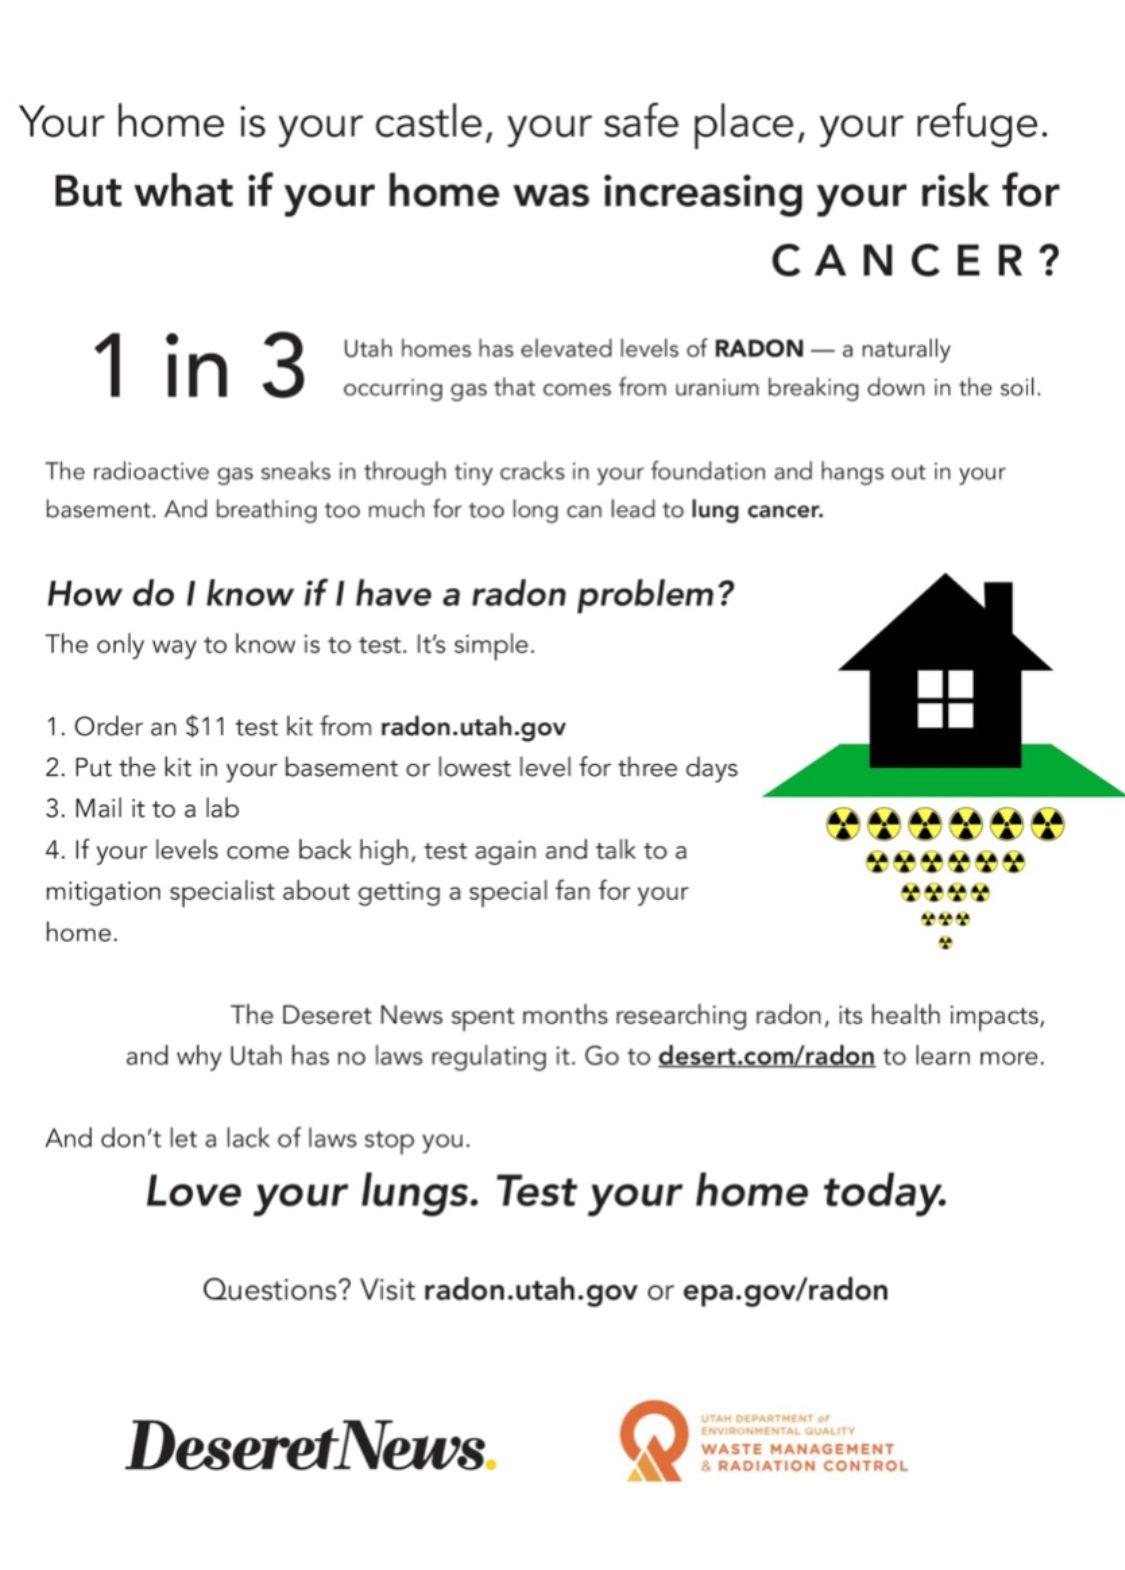 Pin By Jureckihomes On Real Estate In 2020 Radon Cancer Refugee